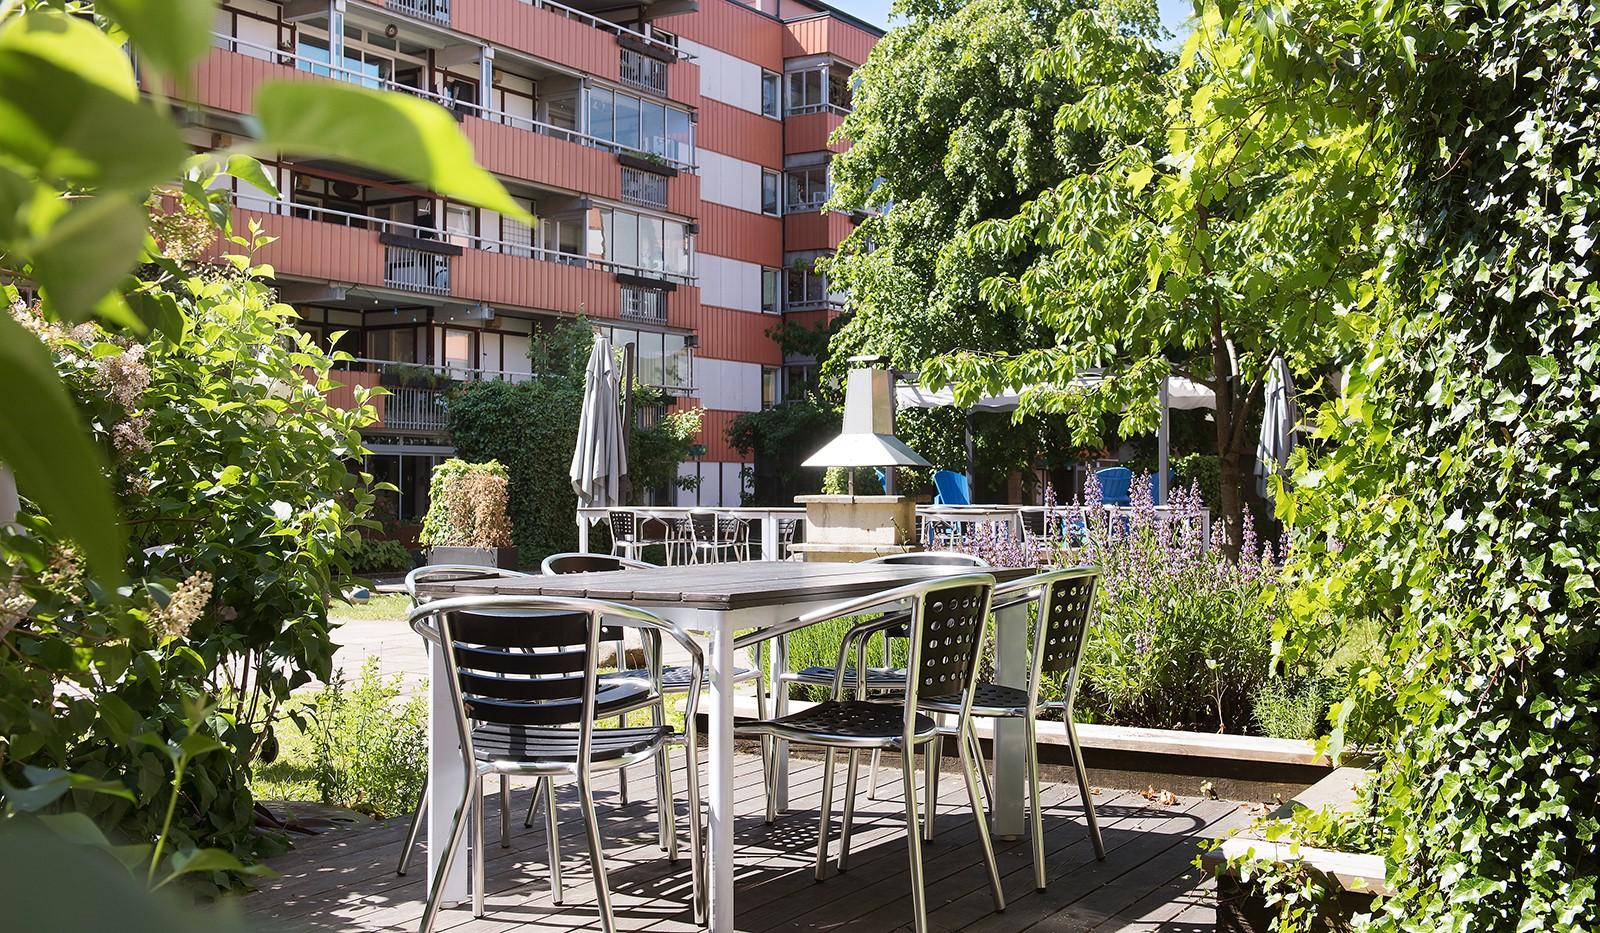 Kocksgatan 9, 5/5tr - Gott om plats för umgås, leka och grilla kvällens middag.